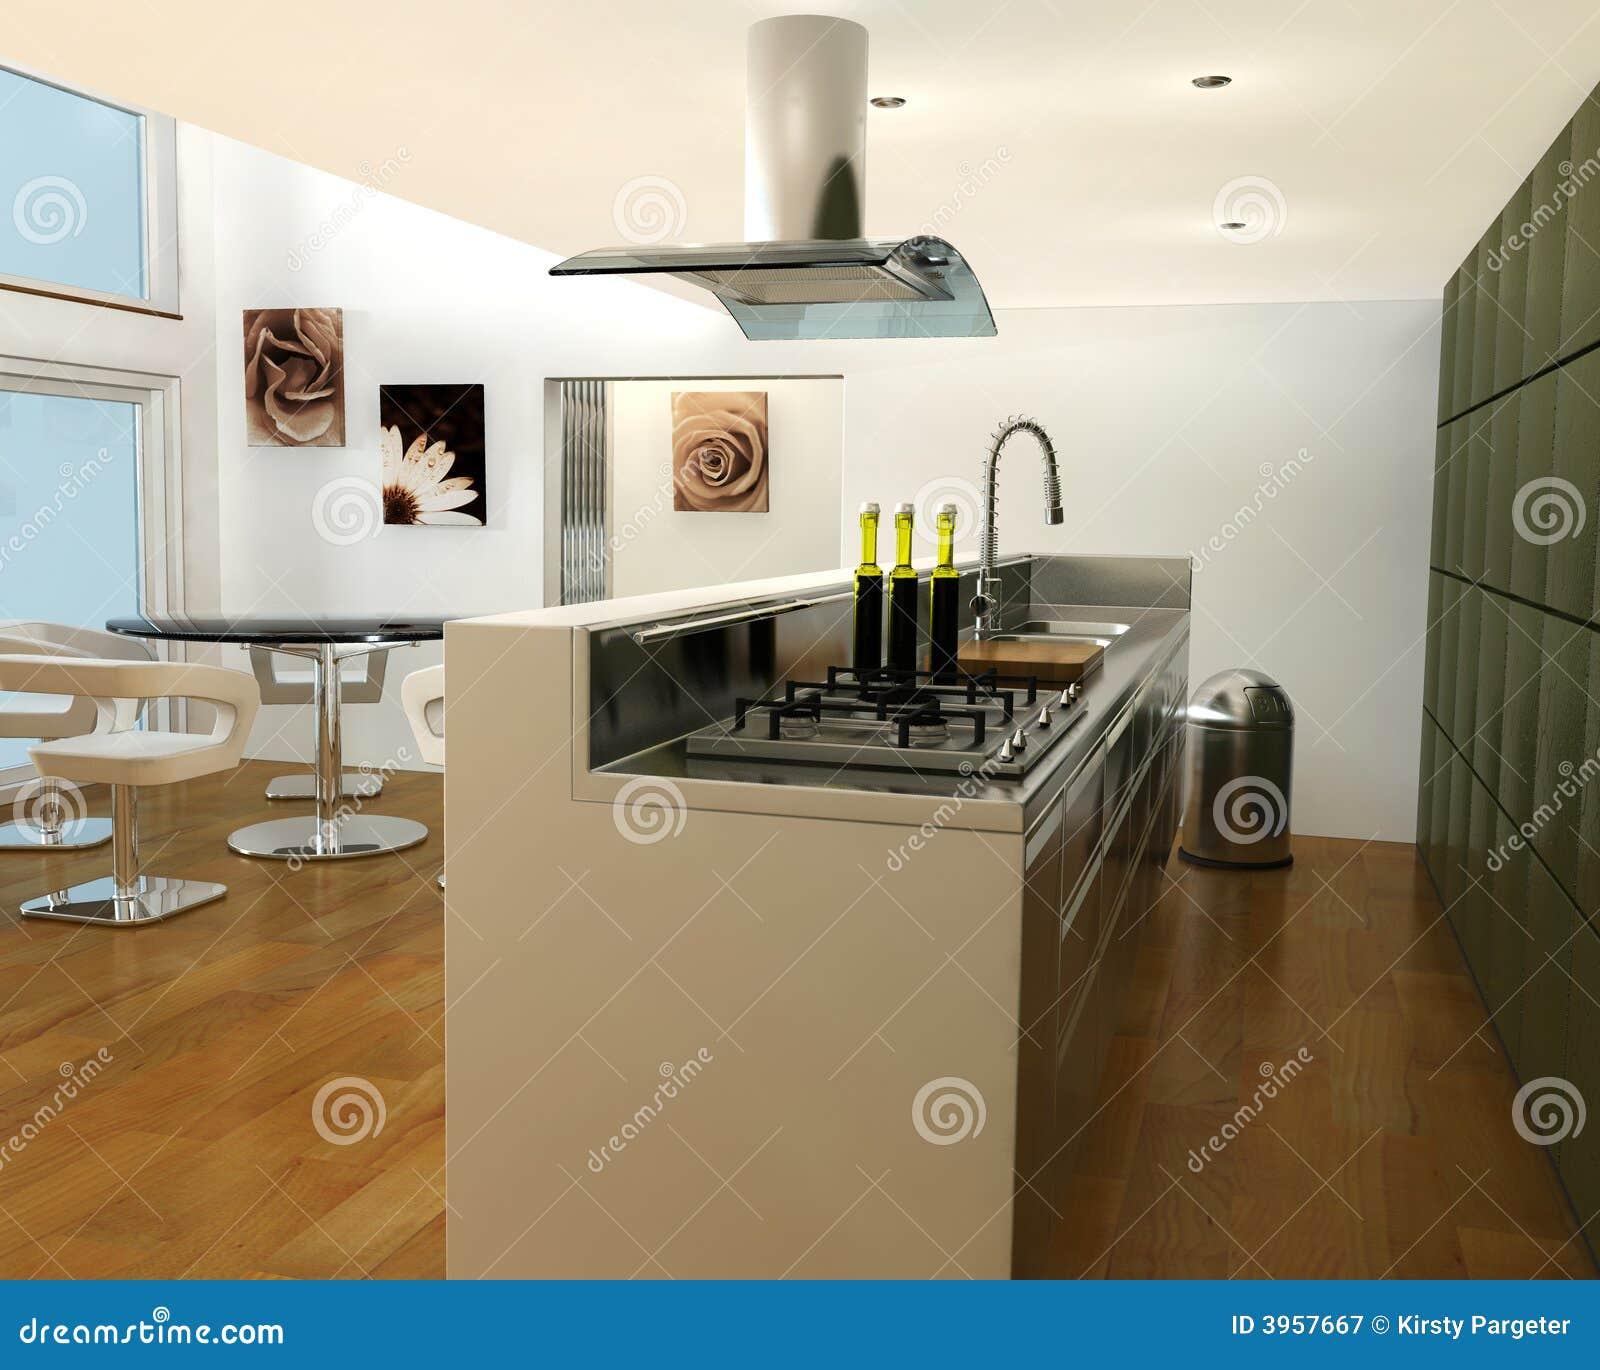 3D rendem de um interior de uma cozinha contemporânea. #9FA922 1300 1130